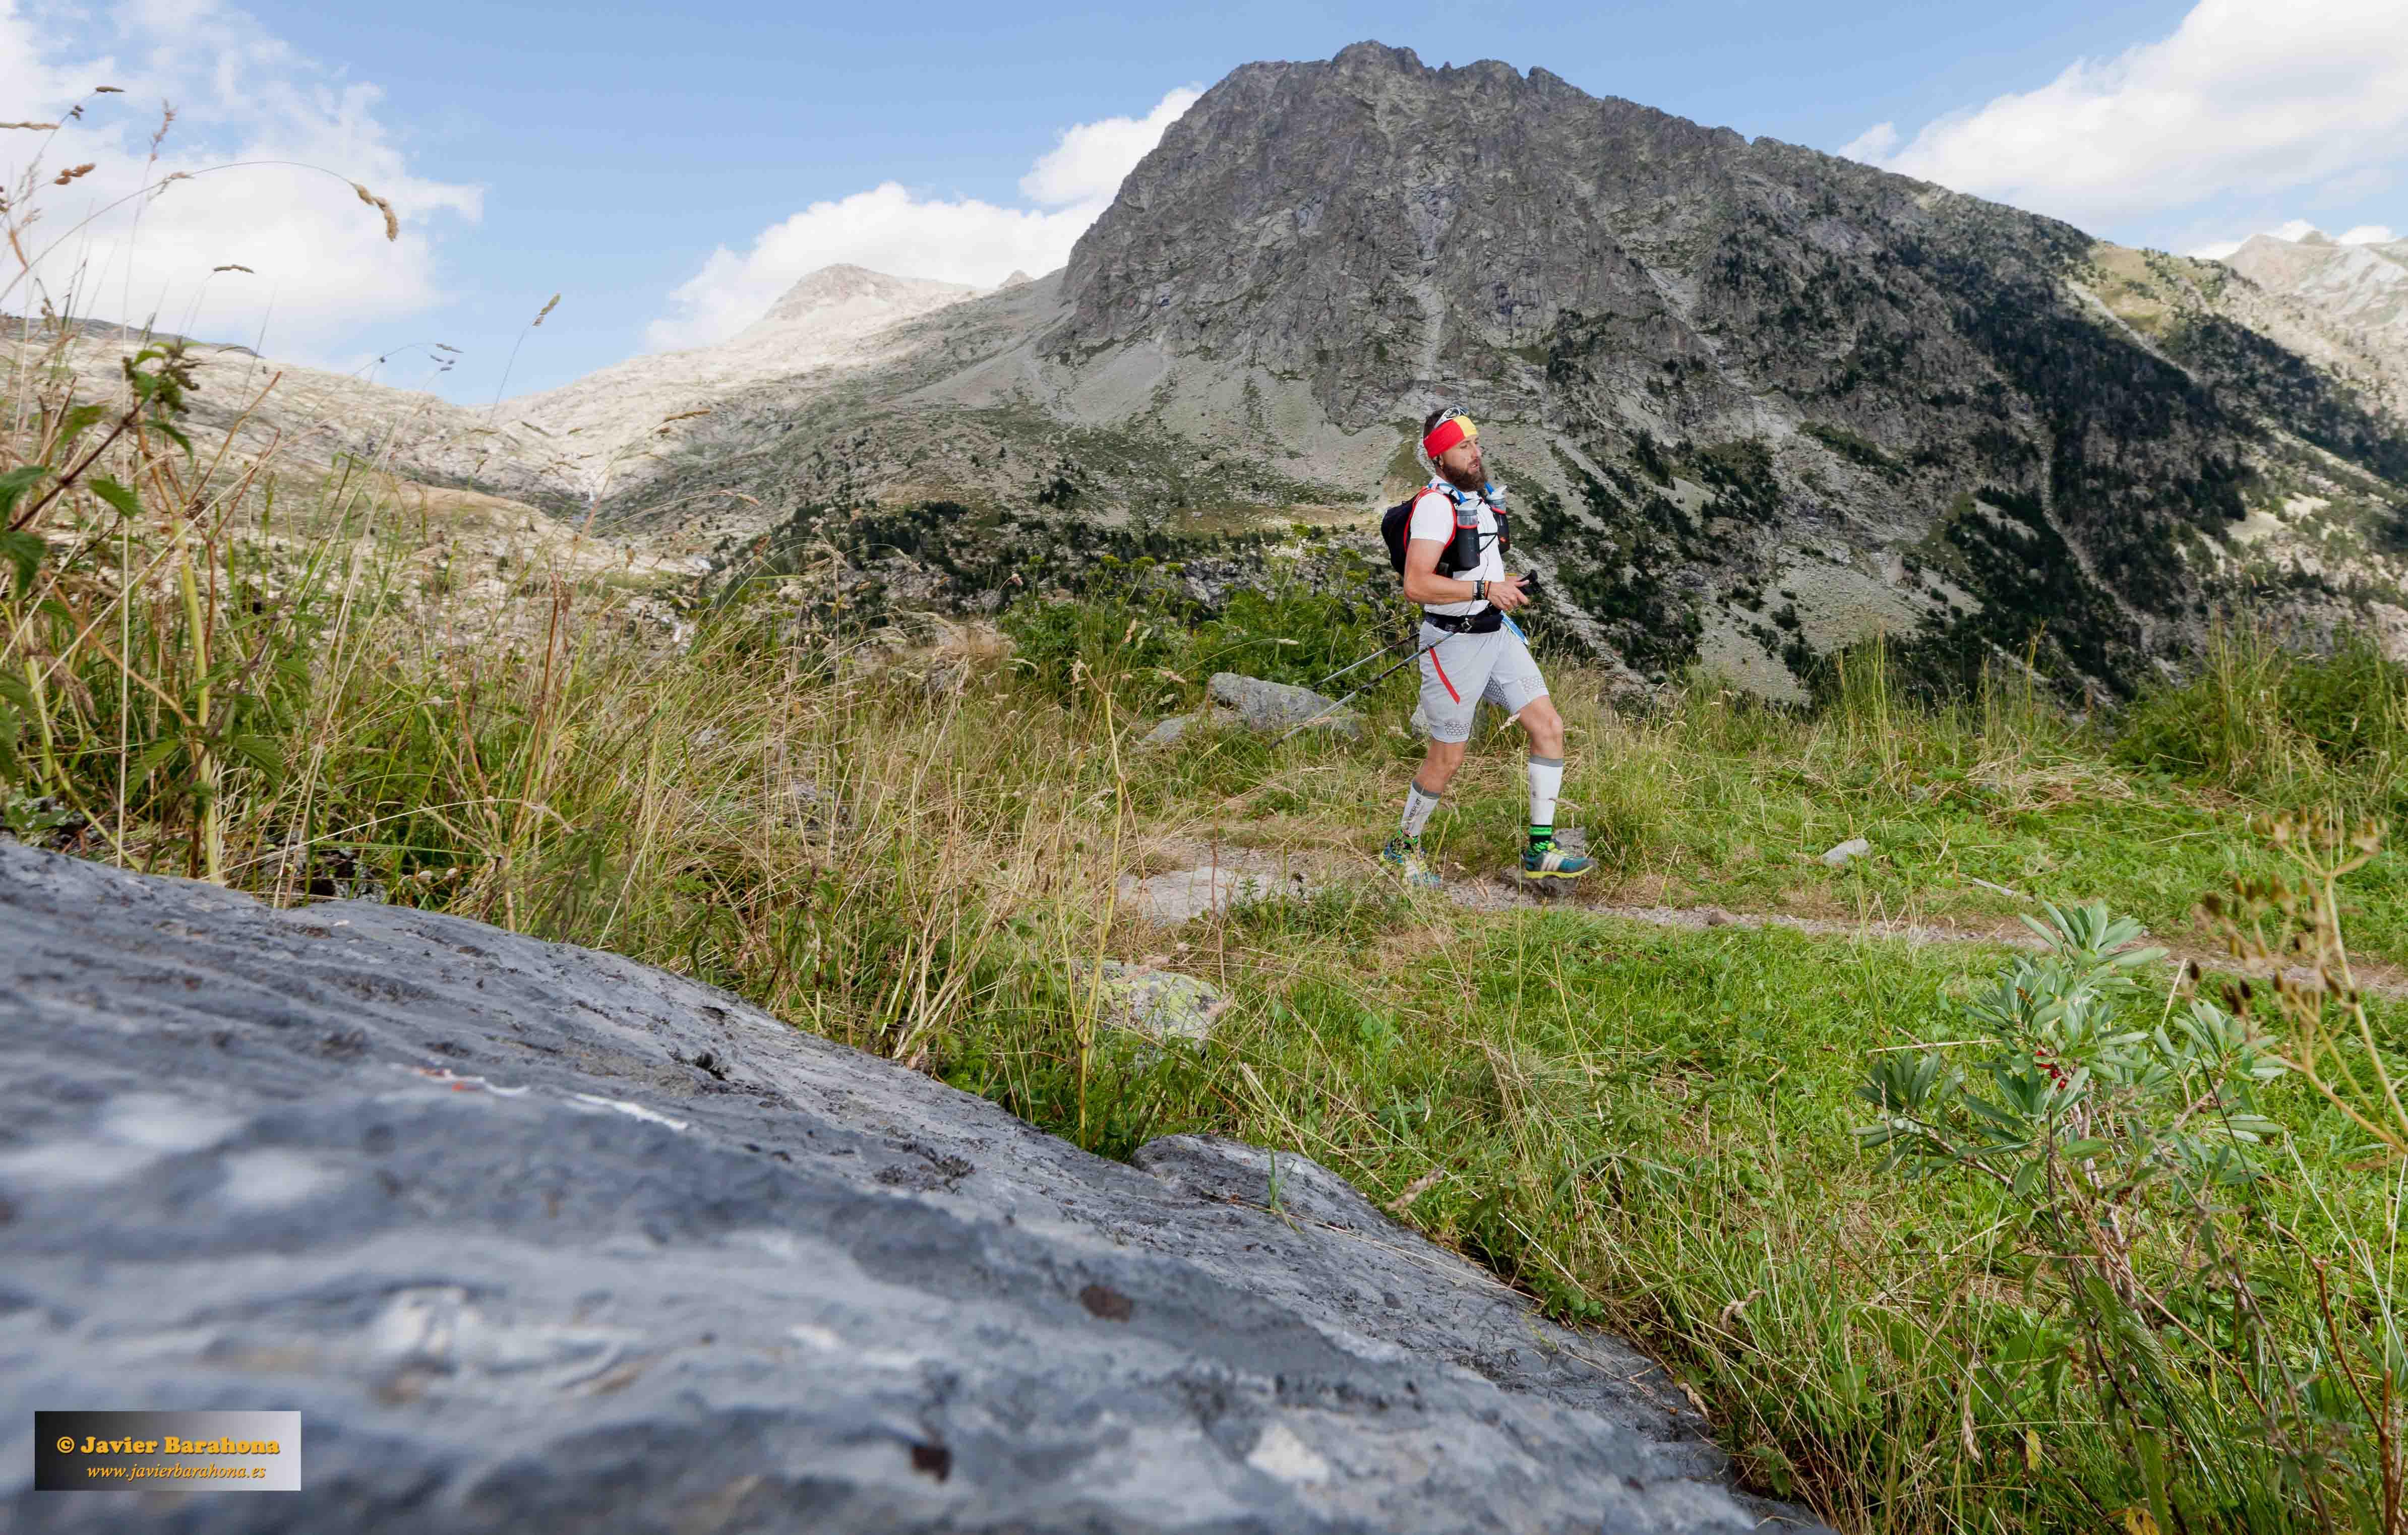 063ae42c3c2 Trail running con seguridad - Montaña Segura